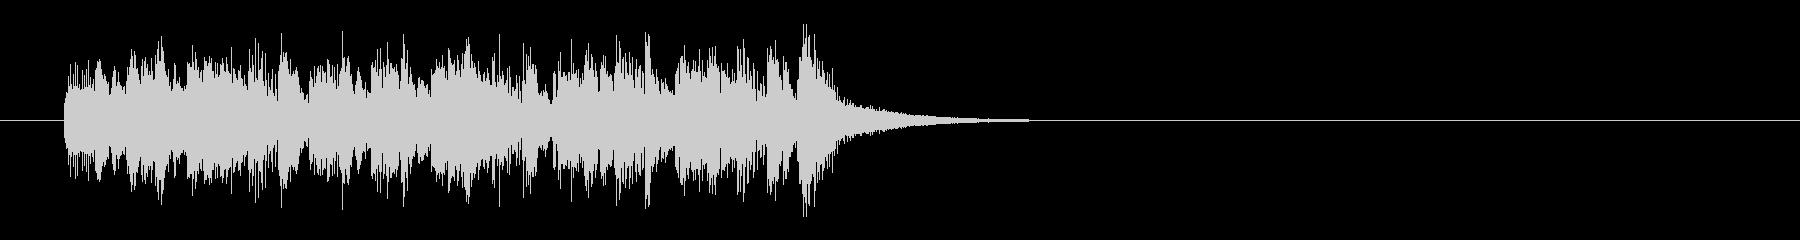 ジングル(レヴュー・ショー風)の未再生の波形